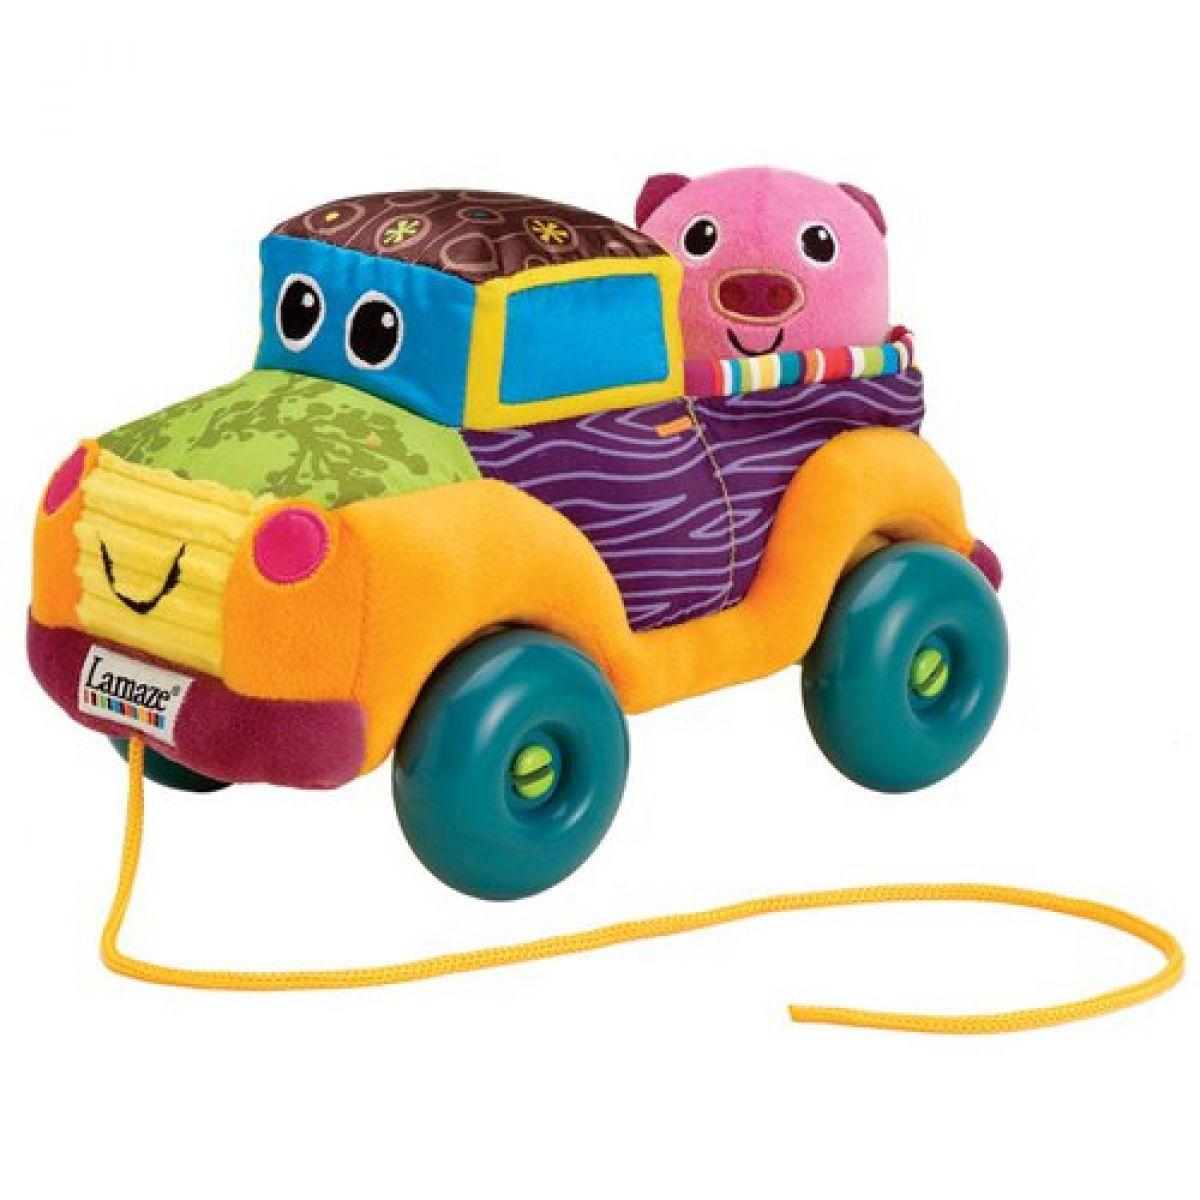 Lamaze - Moje první auto